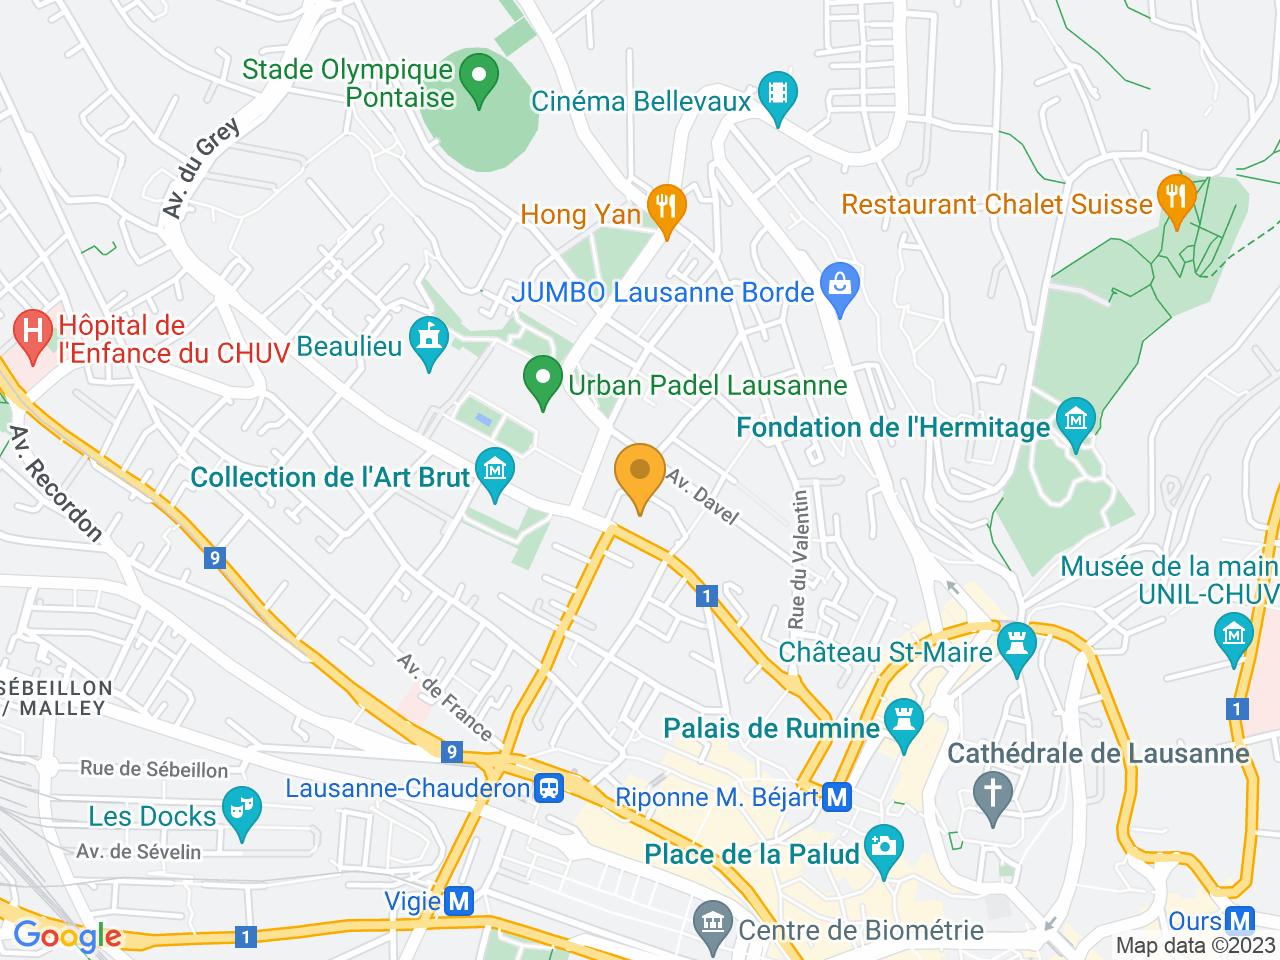 Avenue Alexandre-Vinet 30, 1004 Lausanne